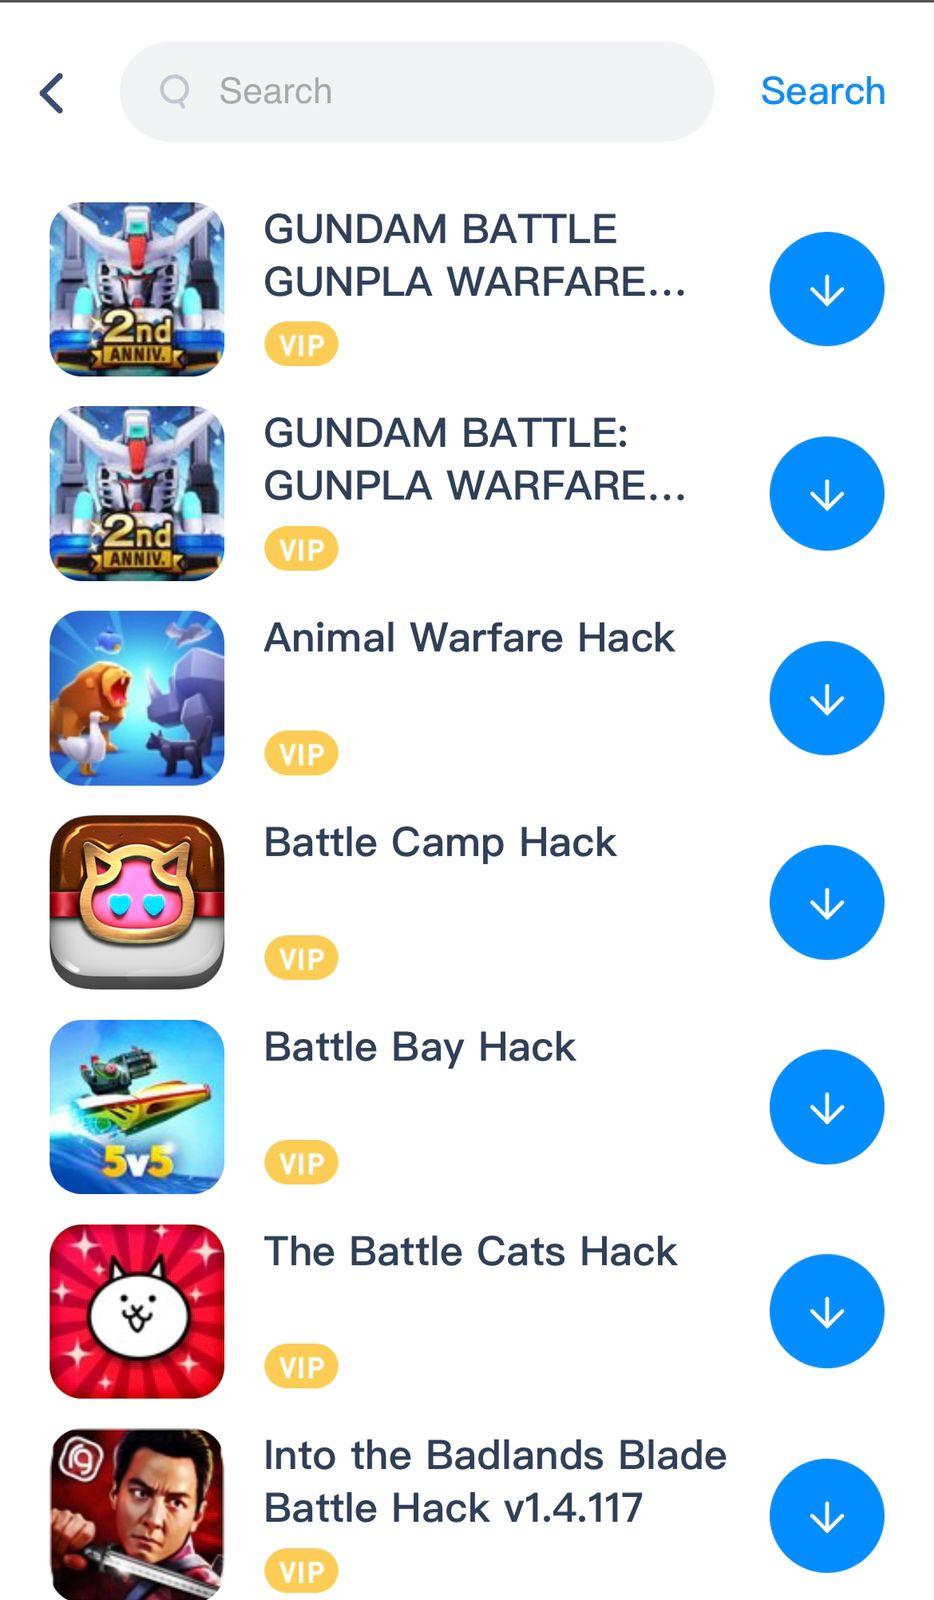 Gundam Battle: Gunpla Warfare Hack